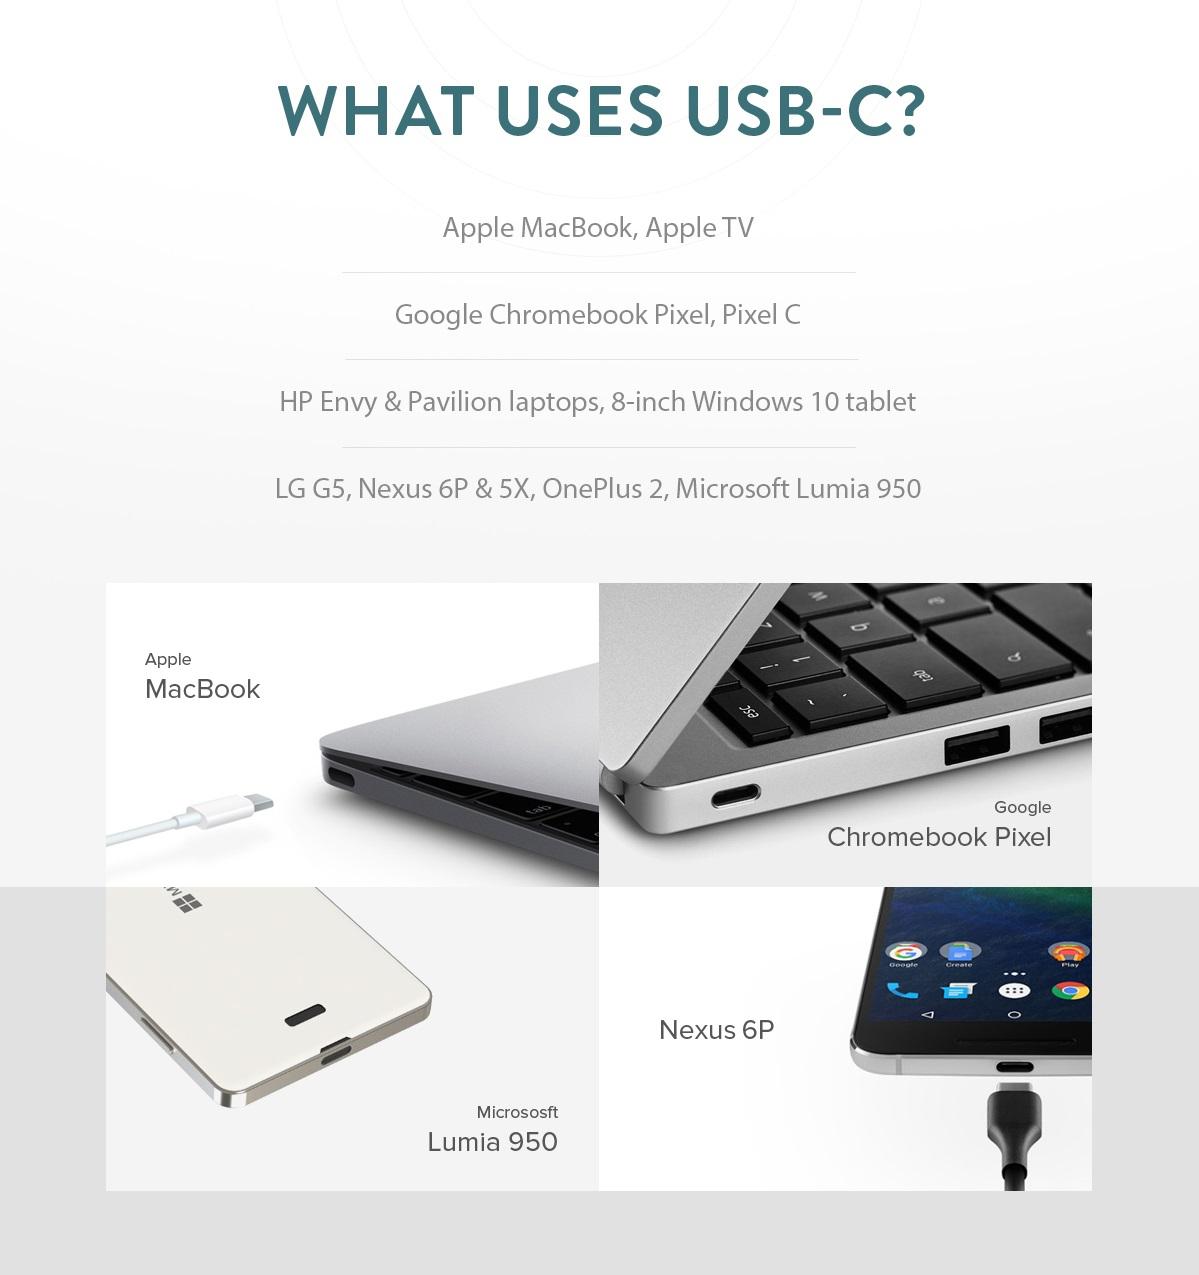 ทำความรู้จักกับ USB-C ในแบบสั้น ๆ กับมาตรฐานพอร์ตใหม่ในอนาคต